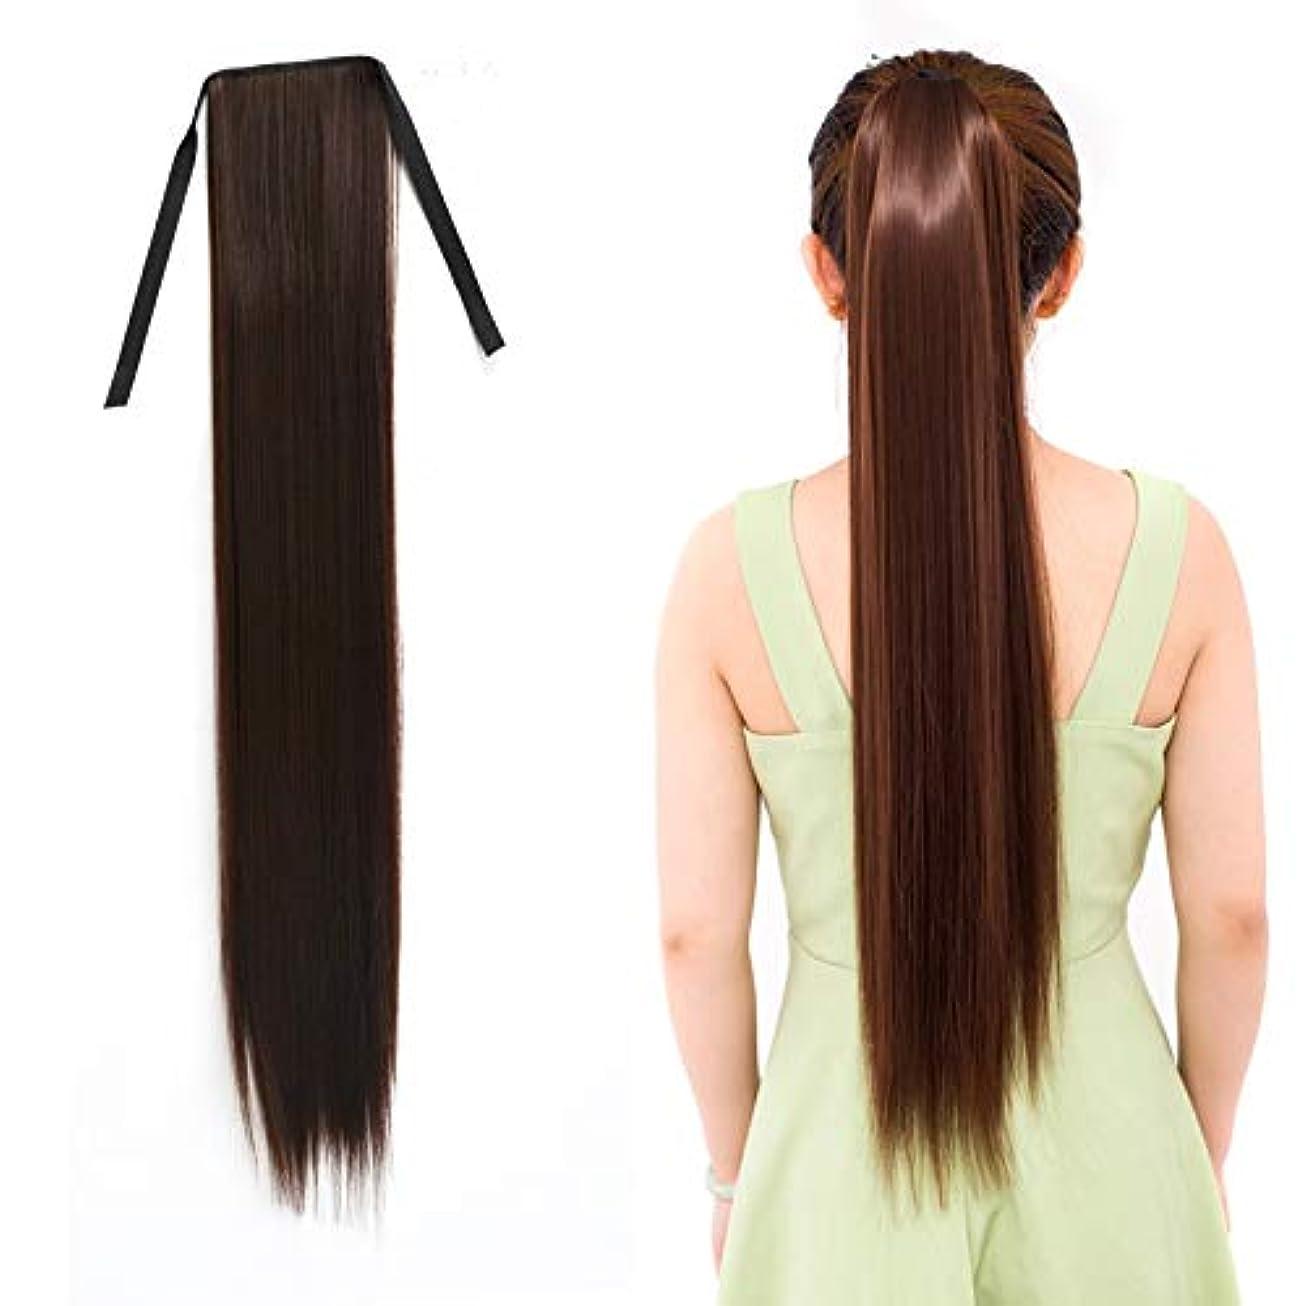 エロチック根絶する前にWTYD 美容ヘアツール 女性のためのナチュラルロングストレートヘアポニーテール包帯かつらポニーテール、長さ:75センチ (色 : Black Brown)